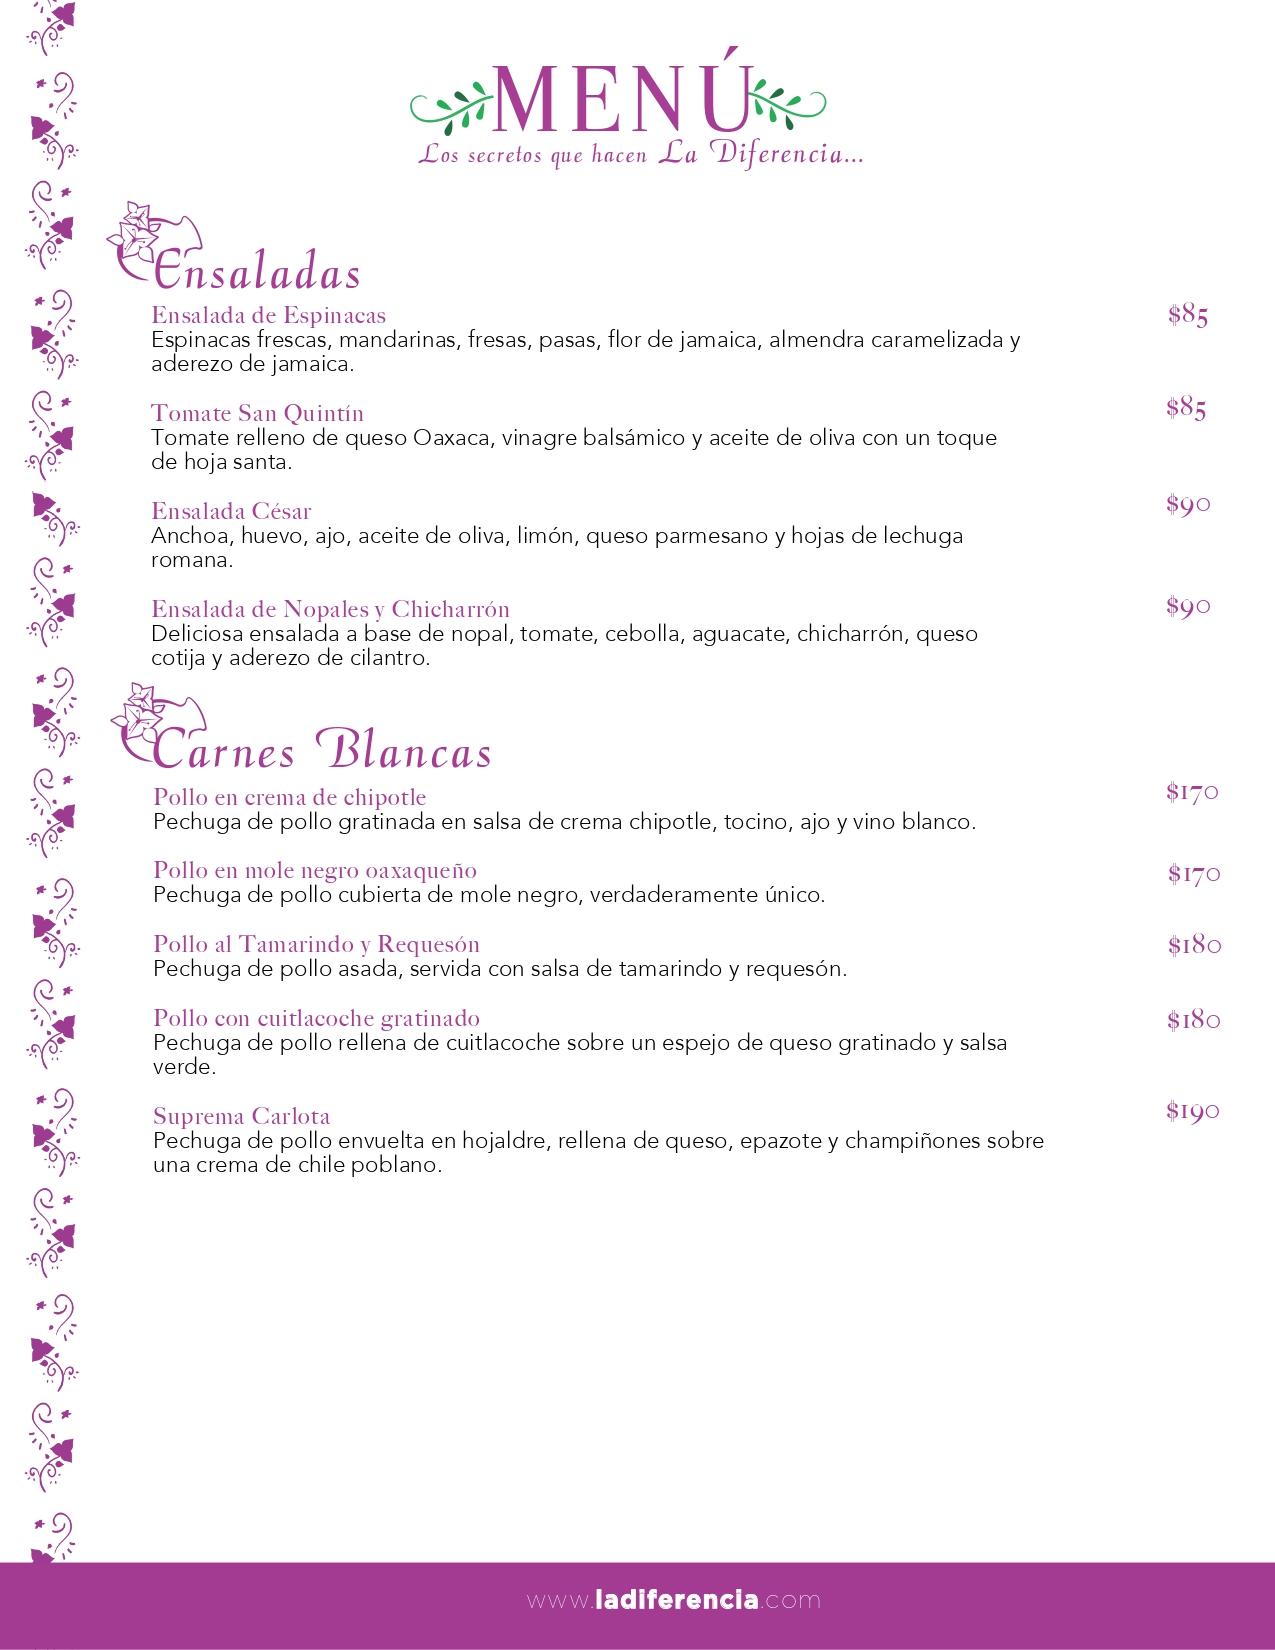 Menú-comida_La-Diferencia_2020_pages-to-jpg-0003